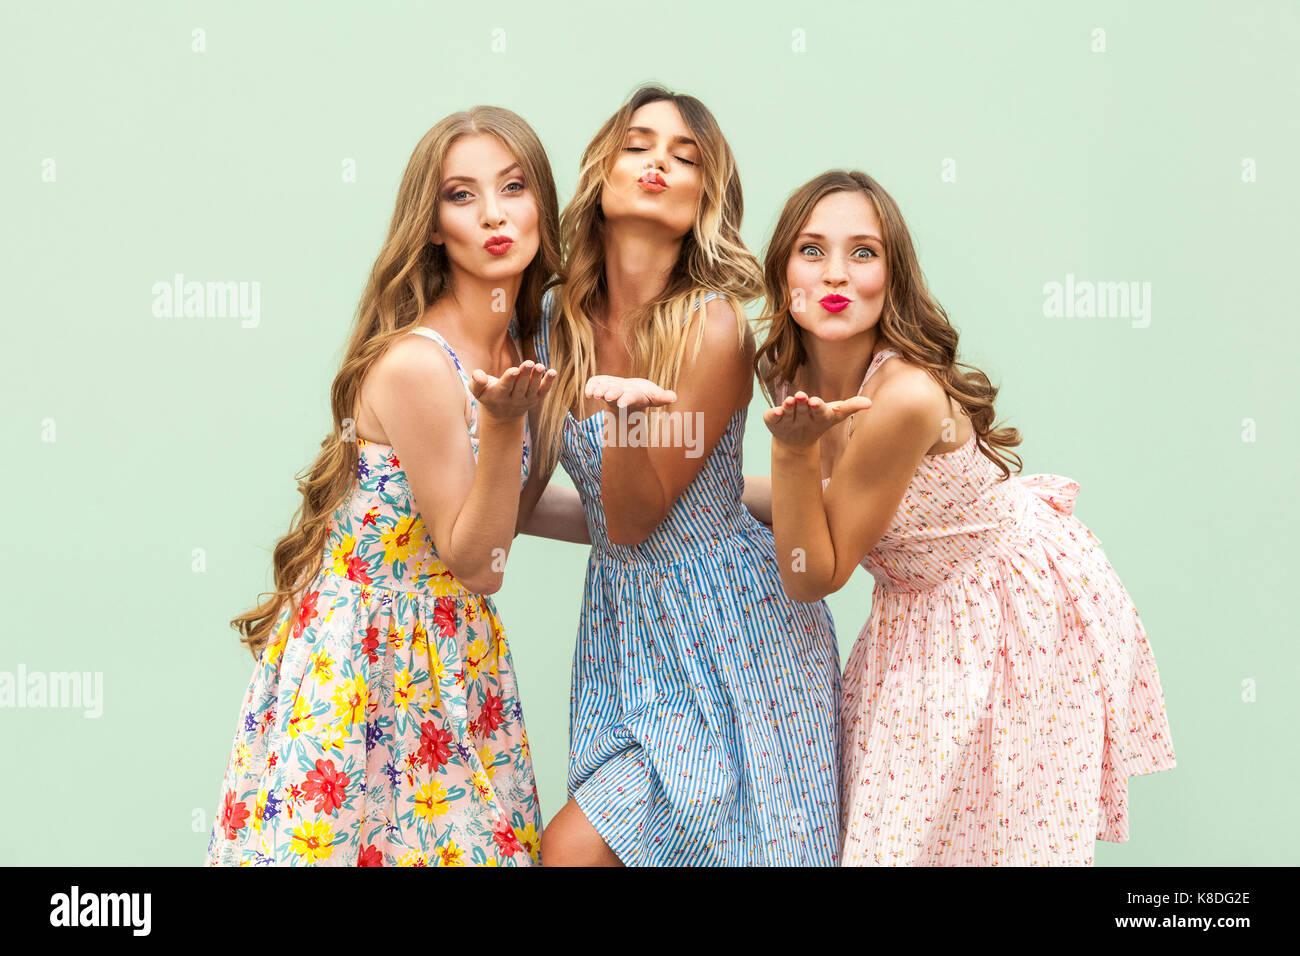 Sending Air Kiss Three Best Friends Posing In Studio Wearing